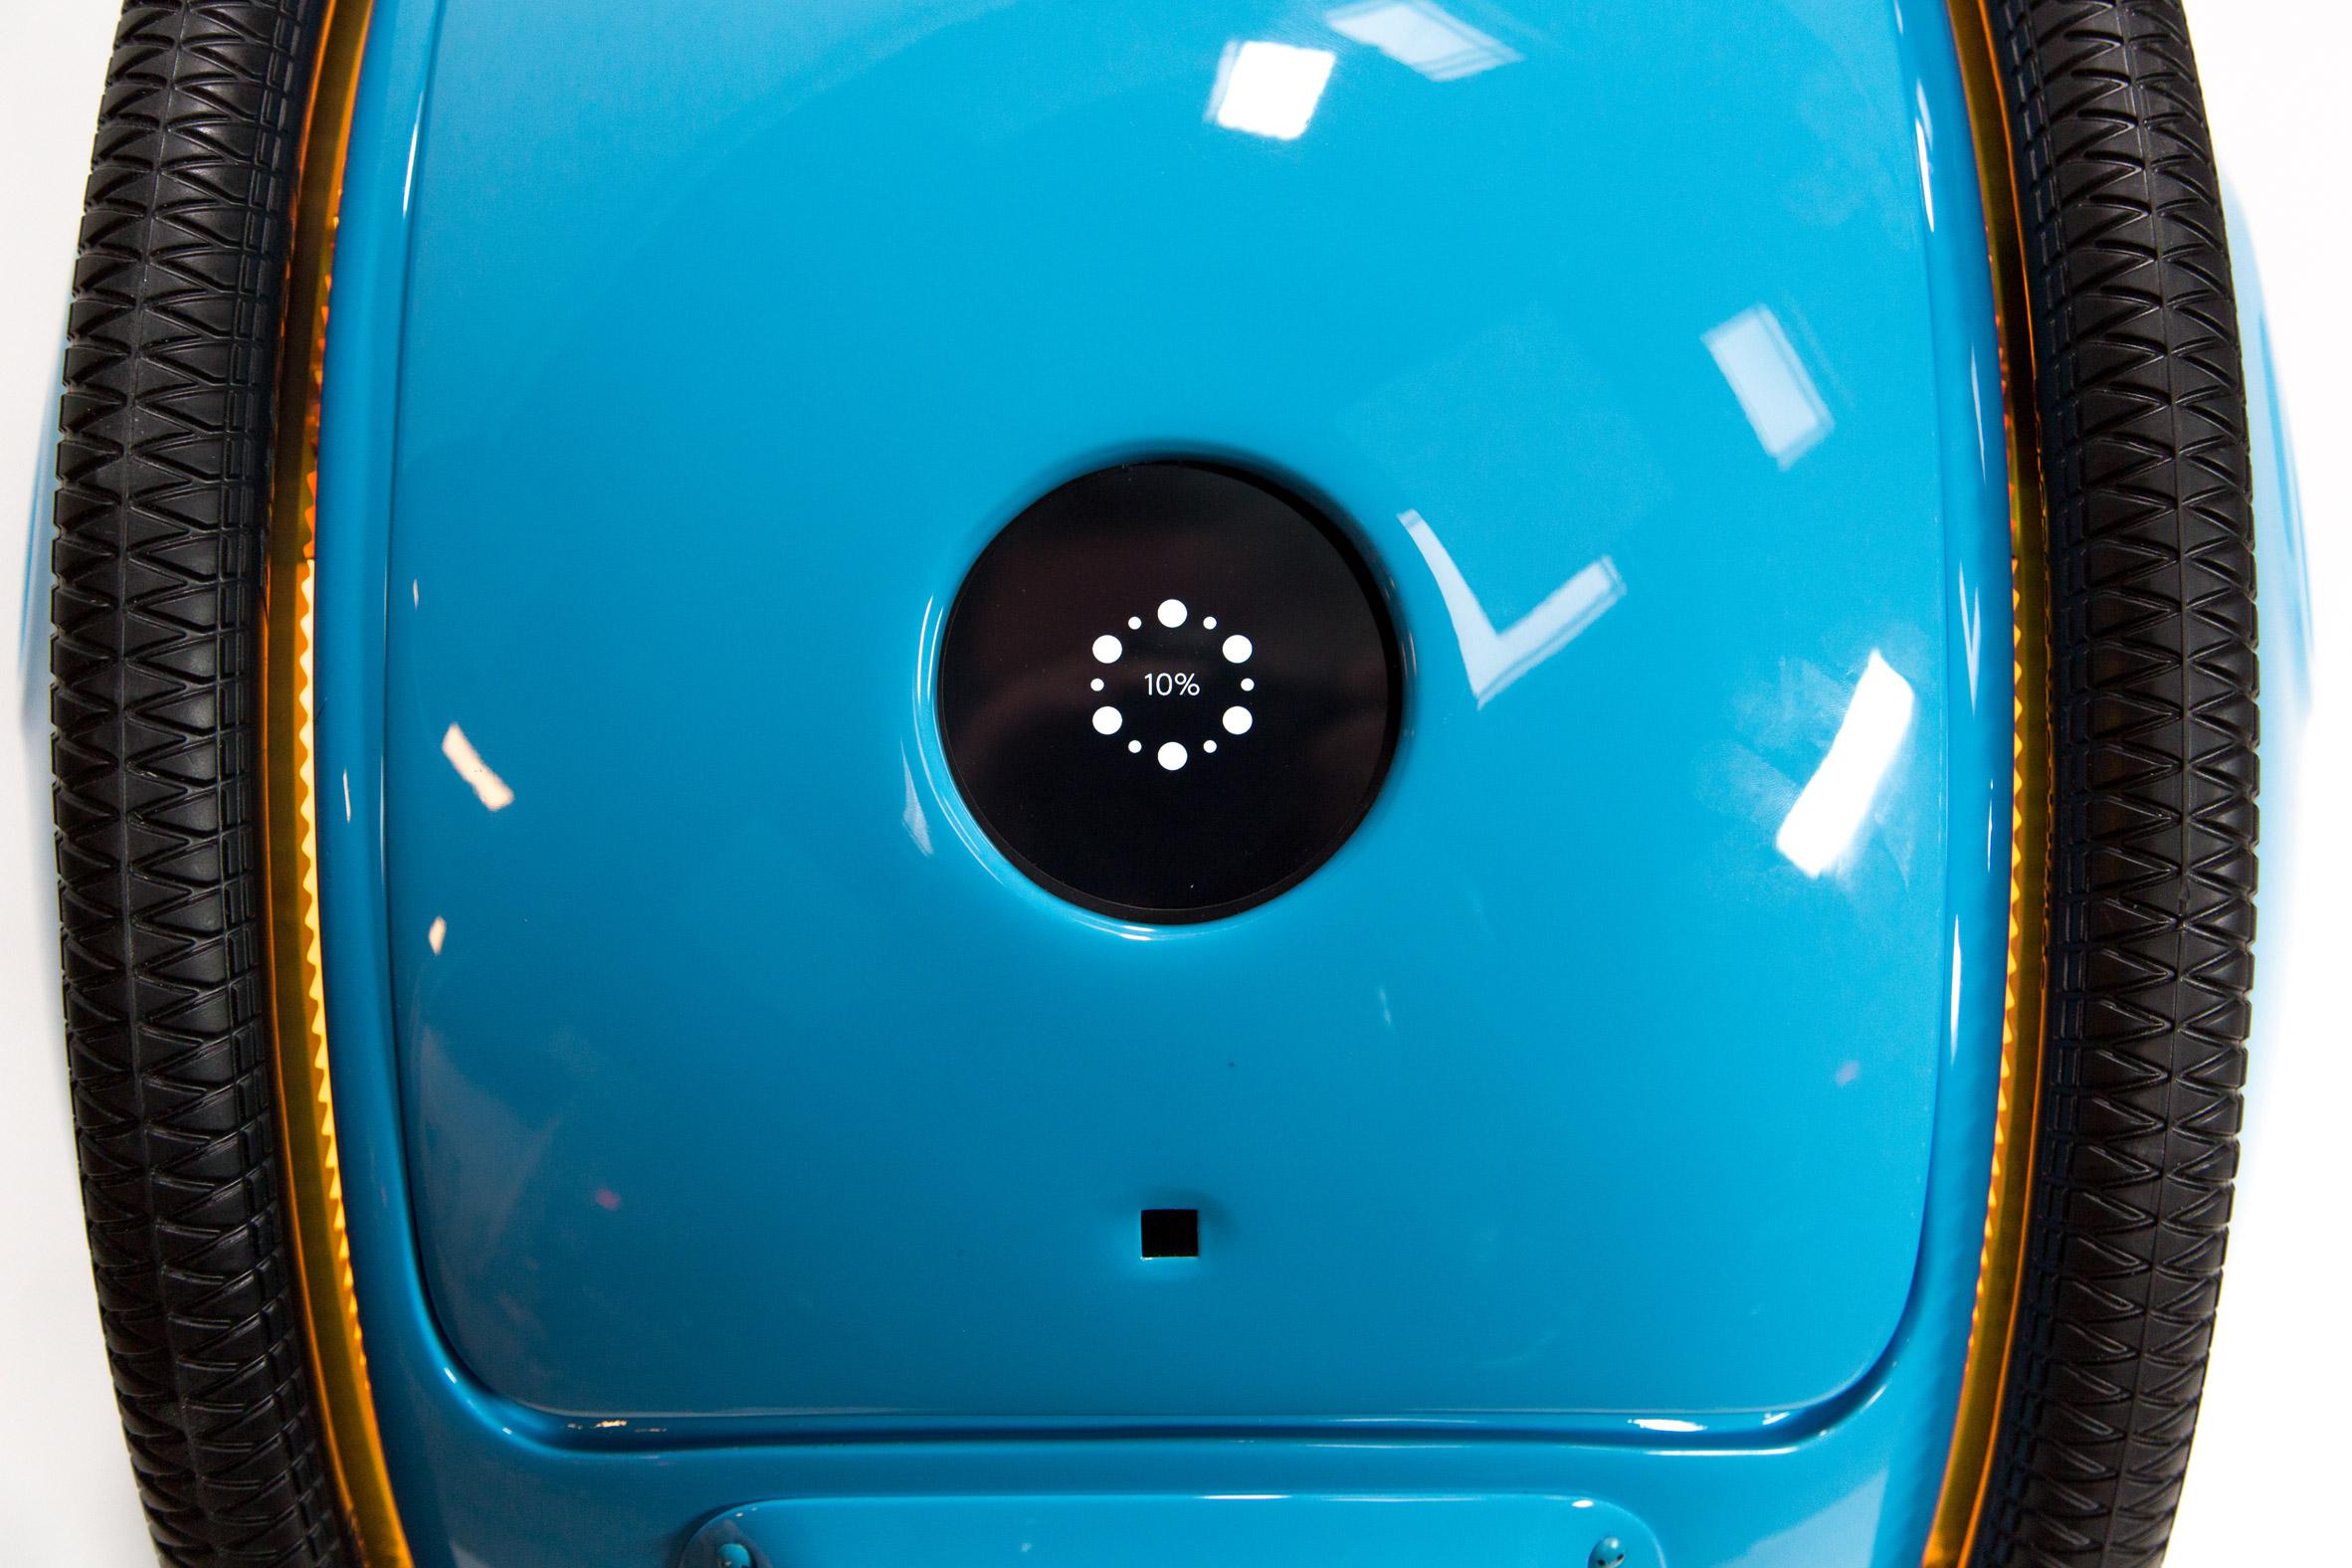 Piaggio introduces Gita personal cargo droid that follows you around